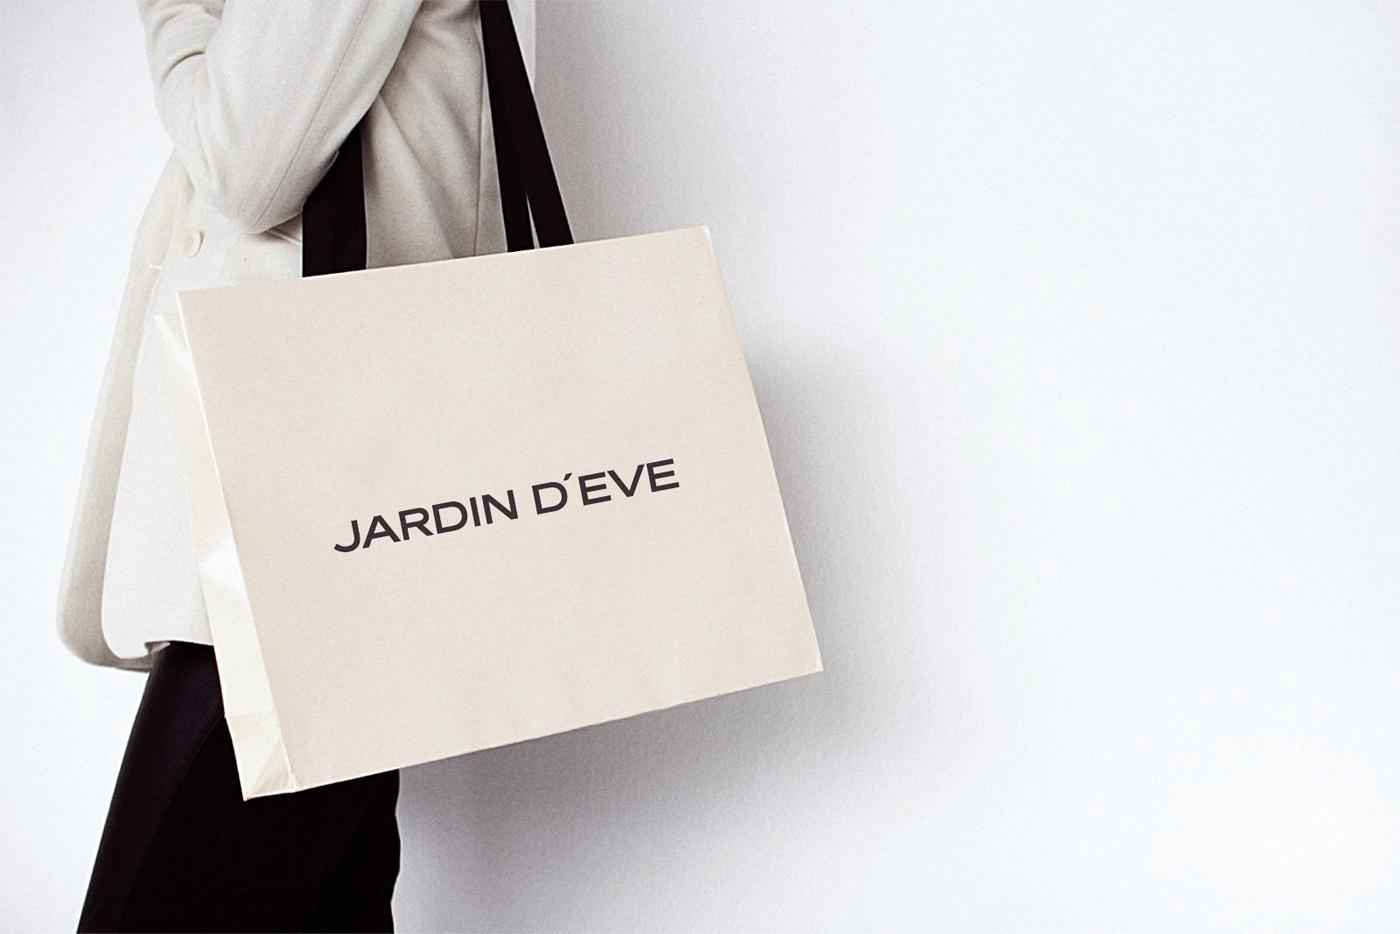 Дизайн носителей фирменного стиля Jardin d'Eve